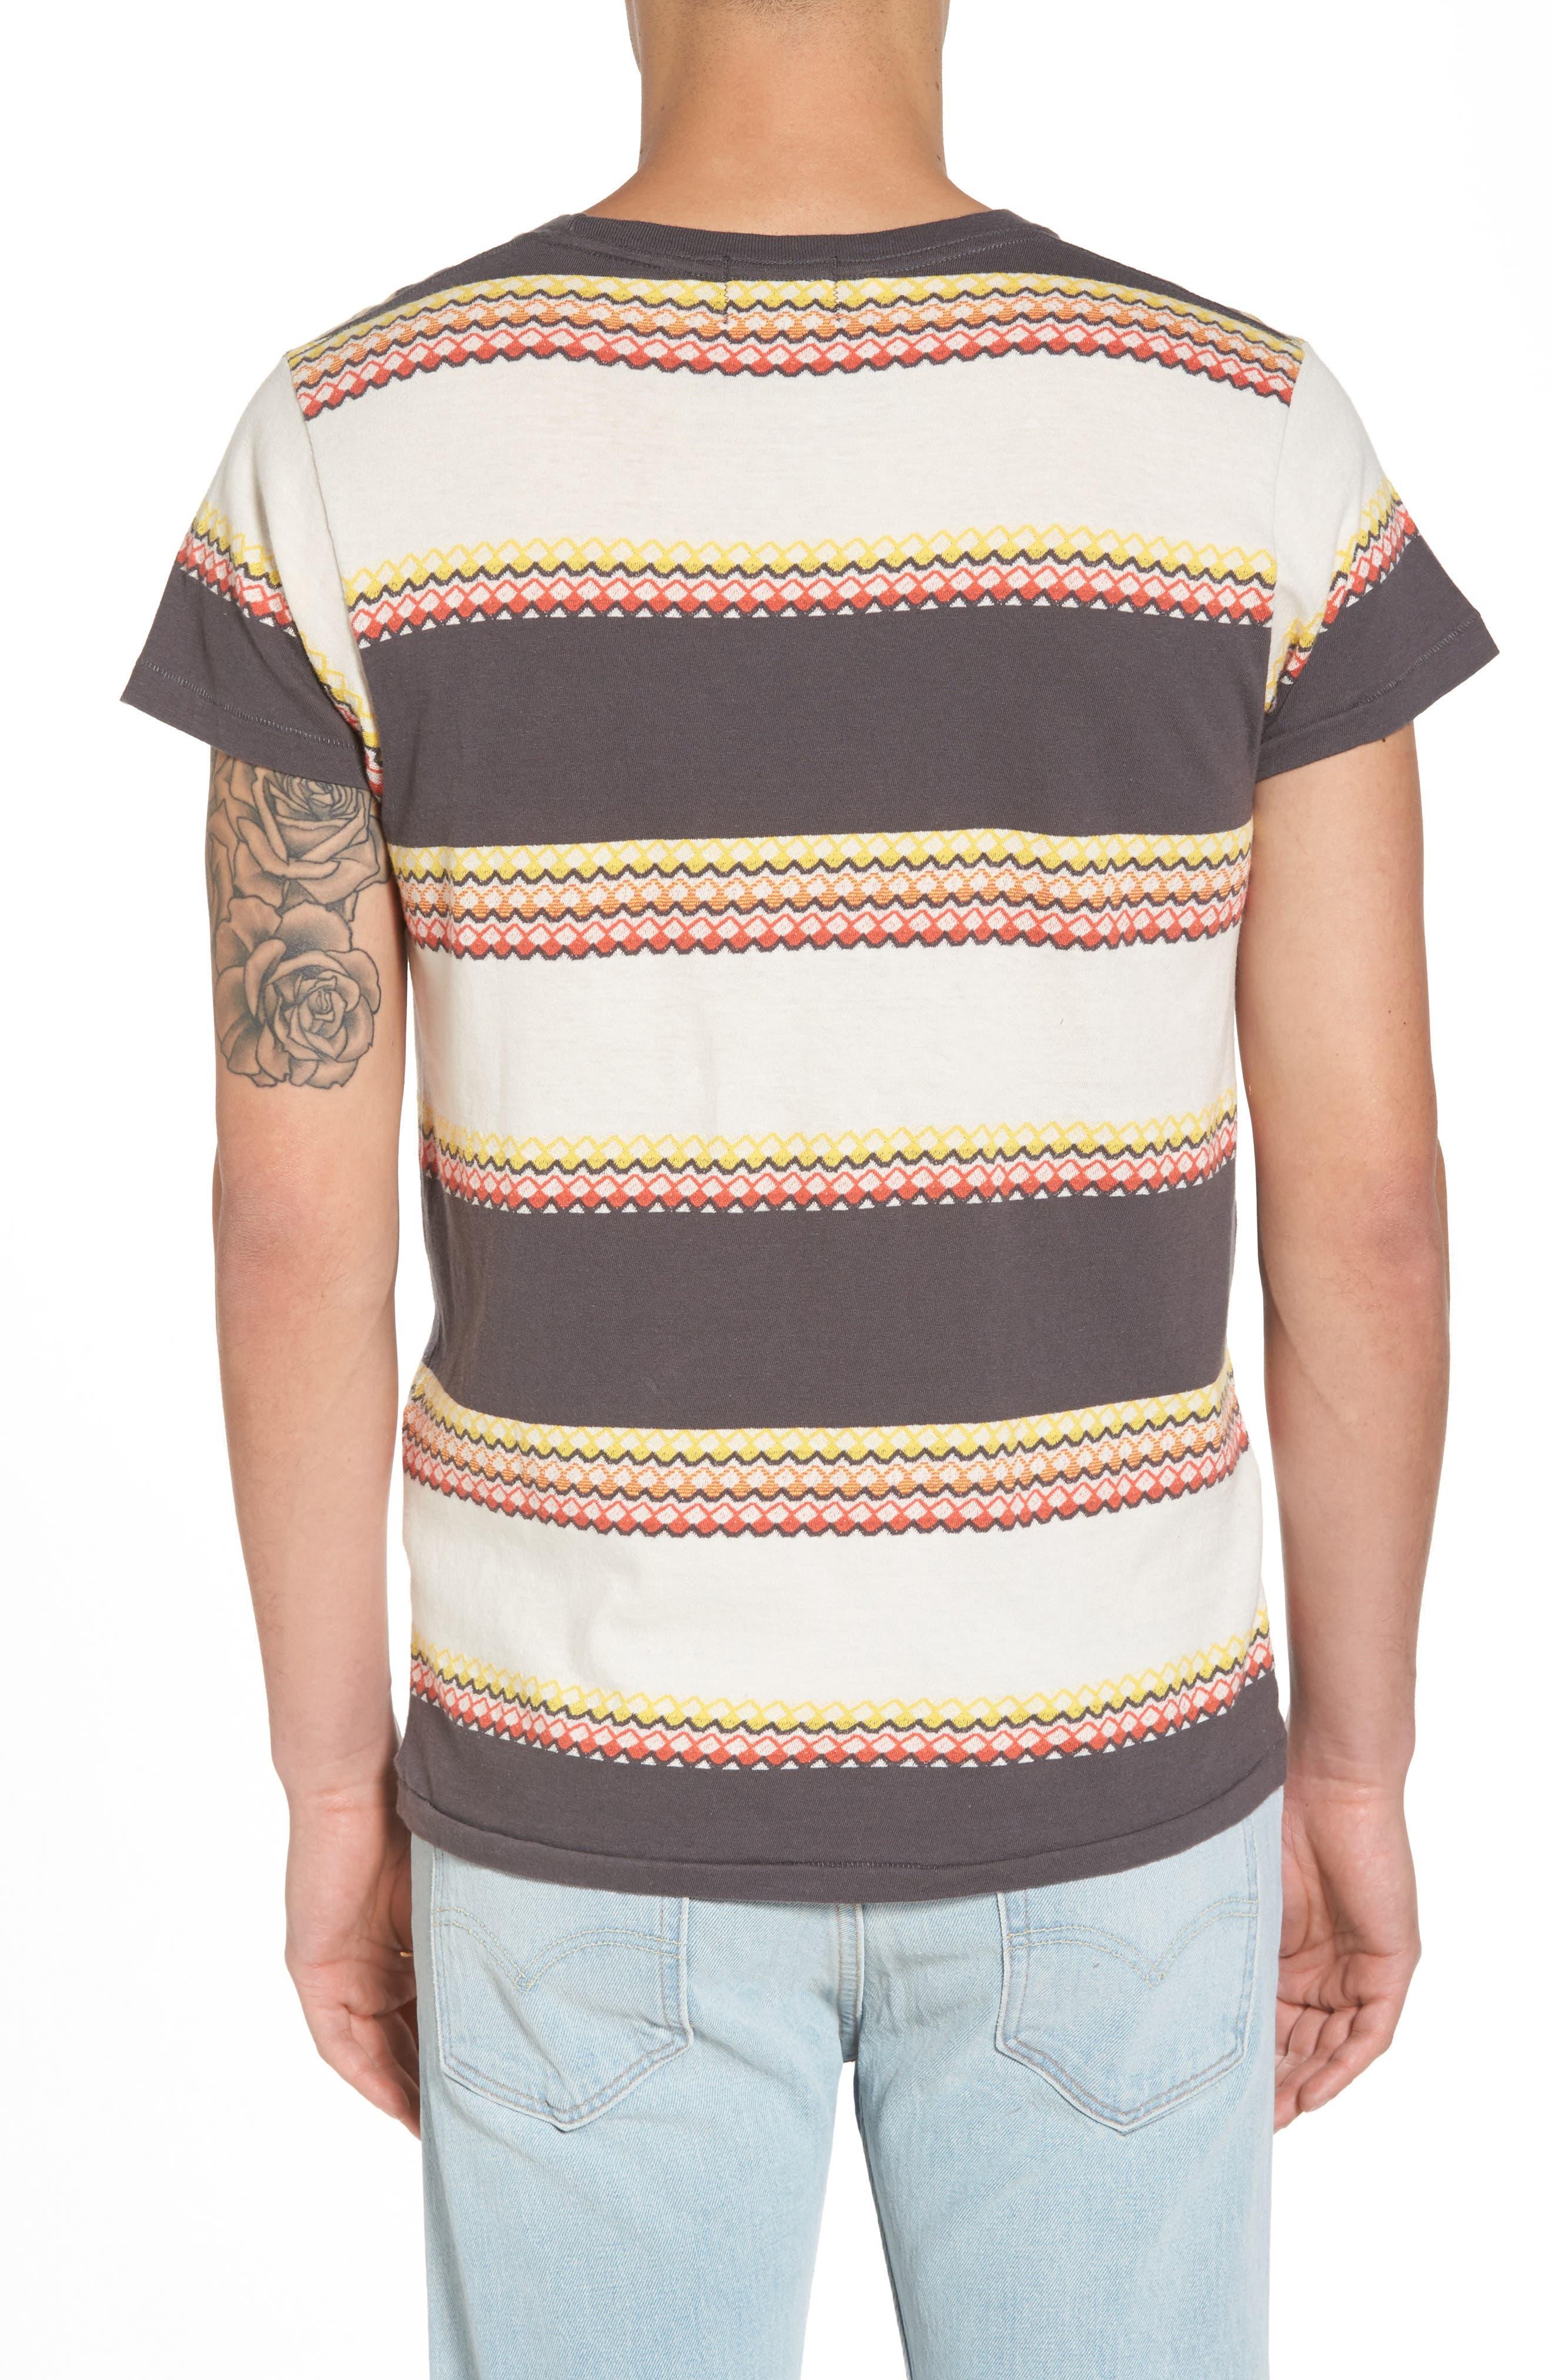 1950s Sportswear Pocket T-Shirt,                             Alternate thumbnail 2, color,                             Wave Jacquard Blue Multi